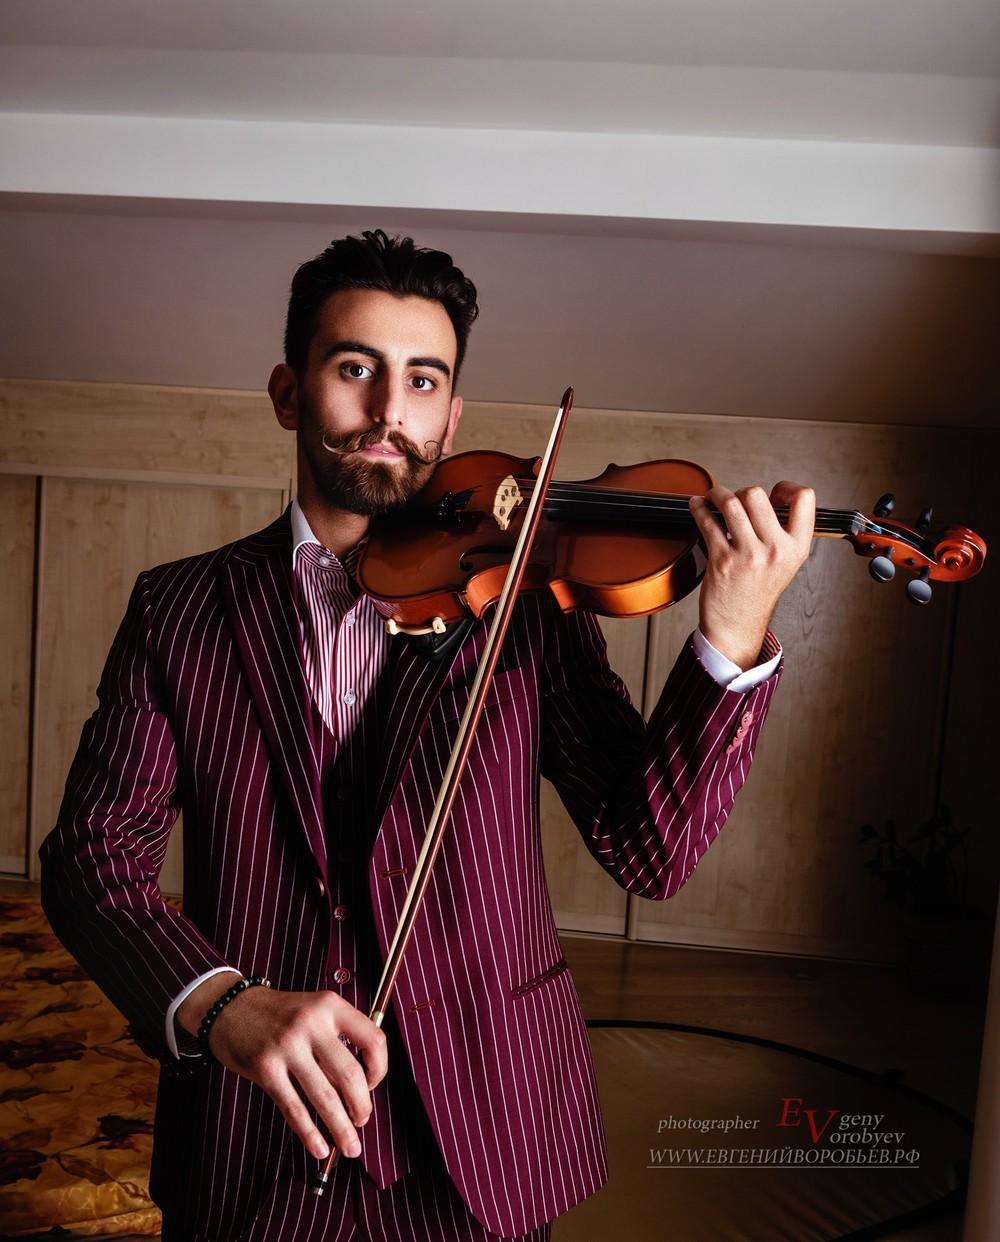 мужская брутальная фотосессия фотограф Красноярск портрет музыкант скрипач праздник